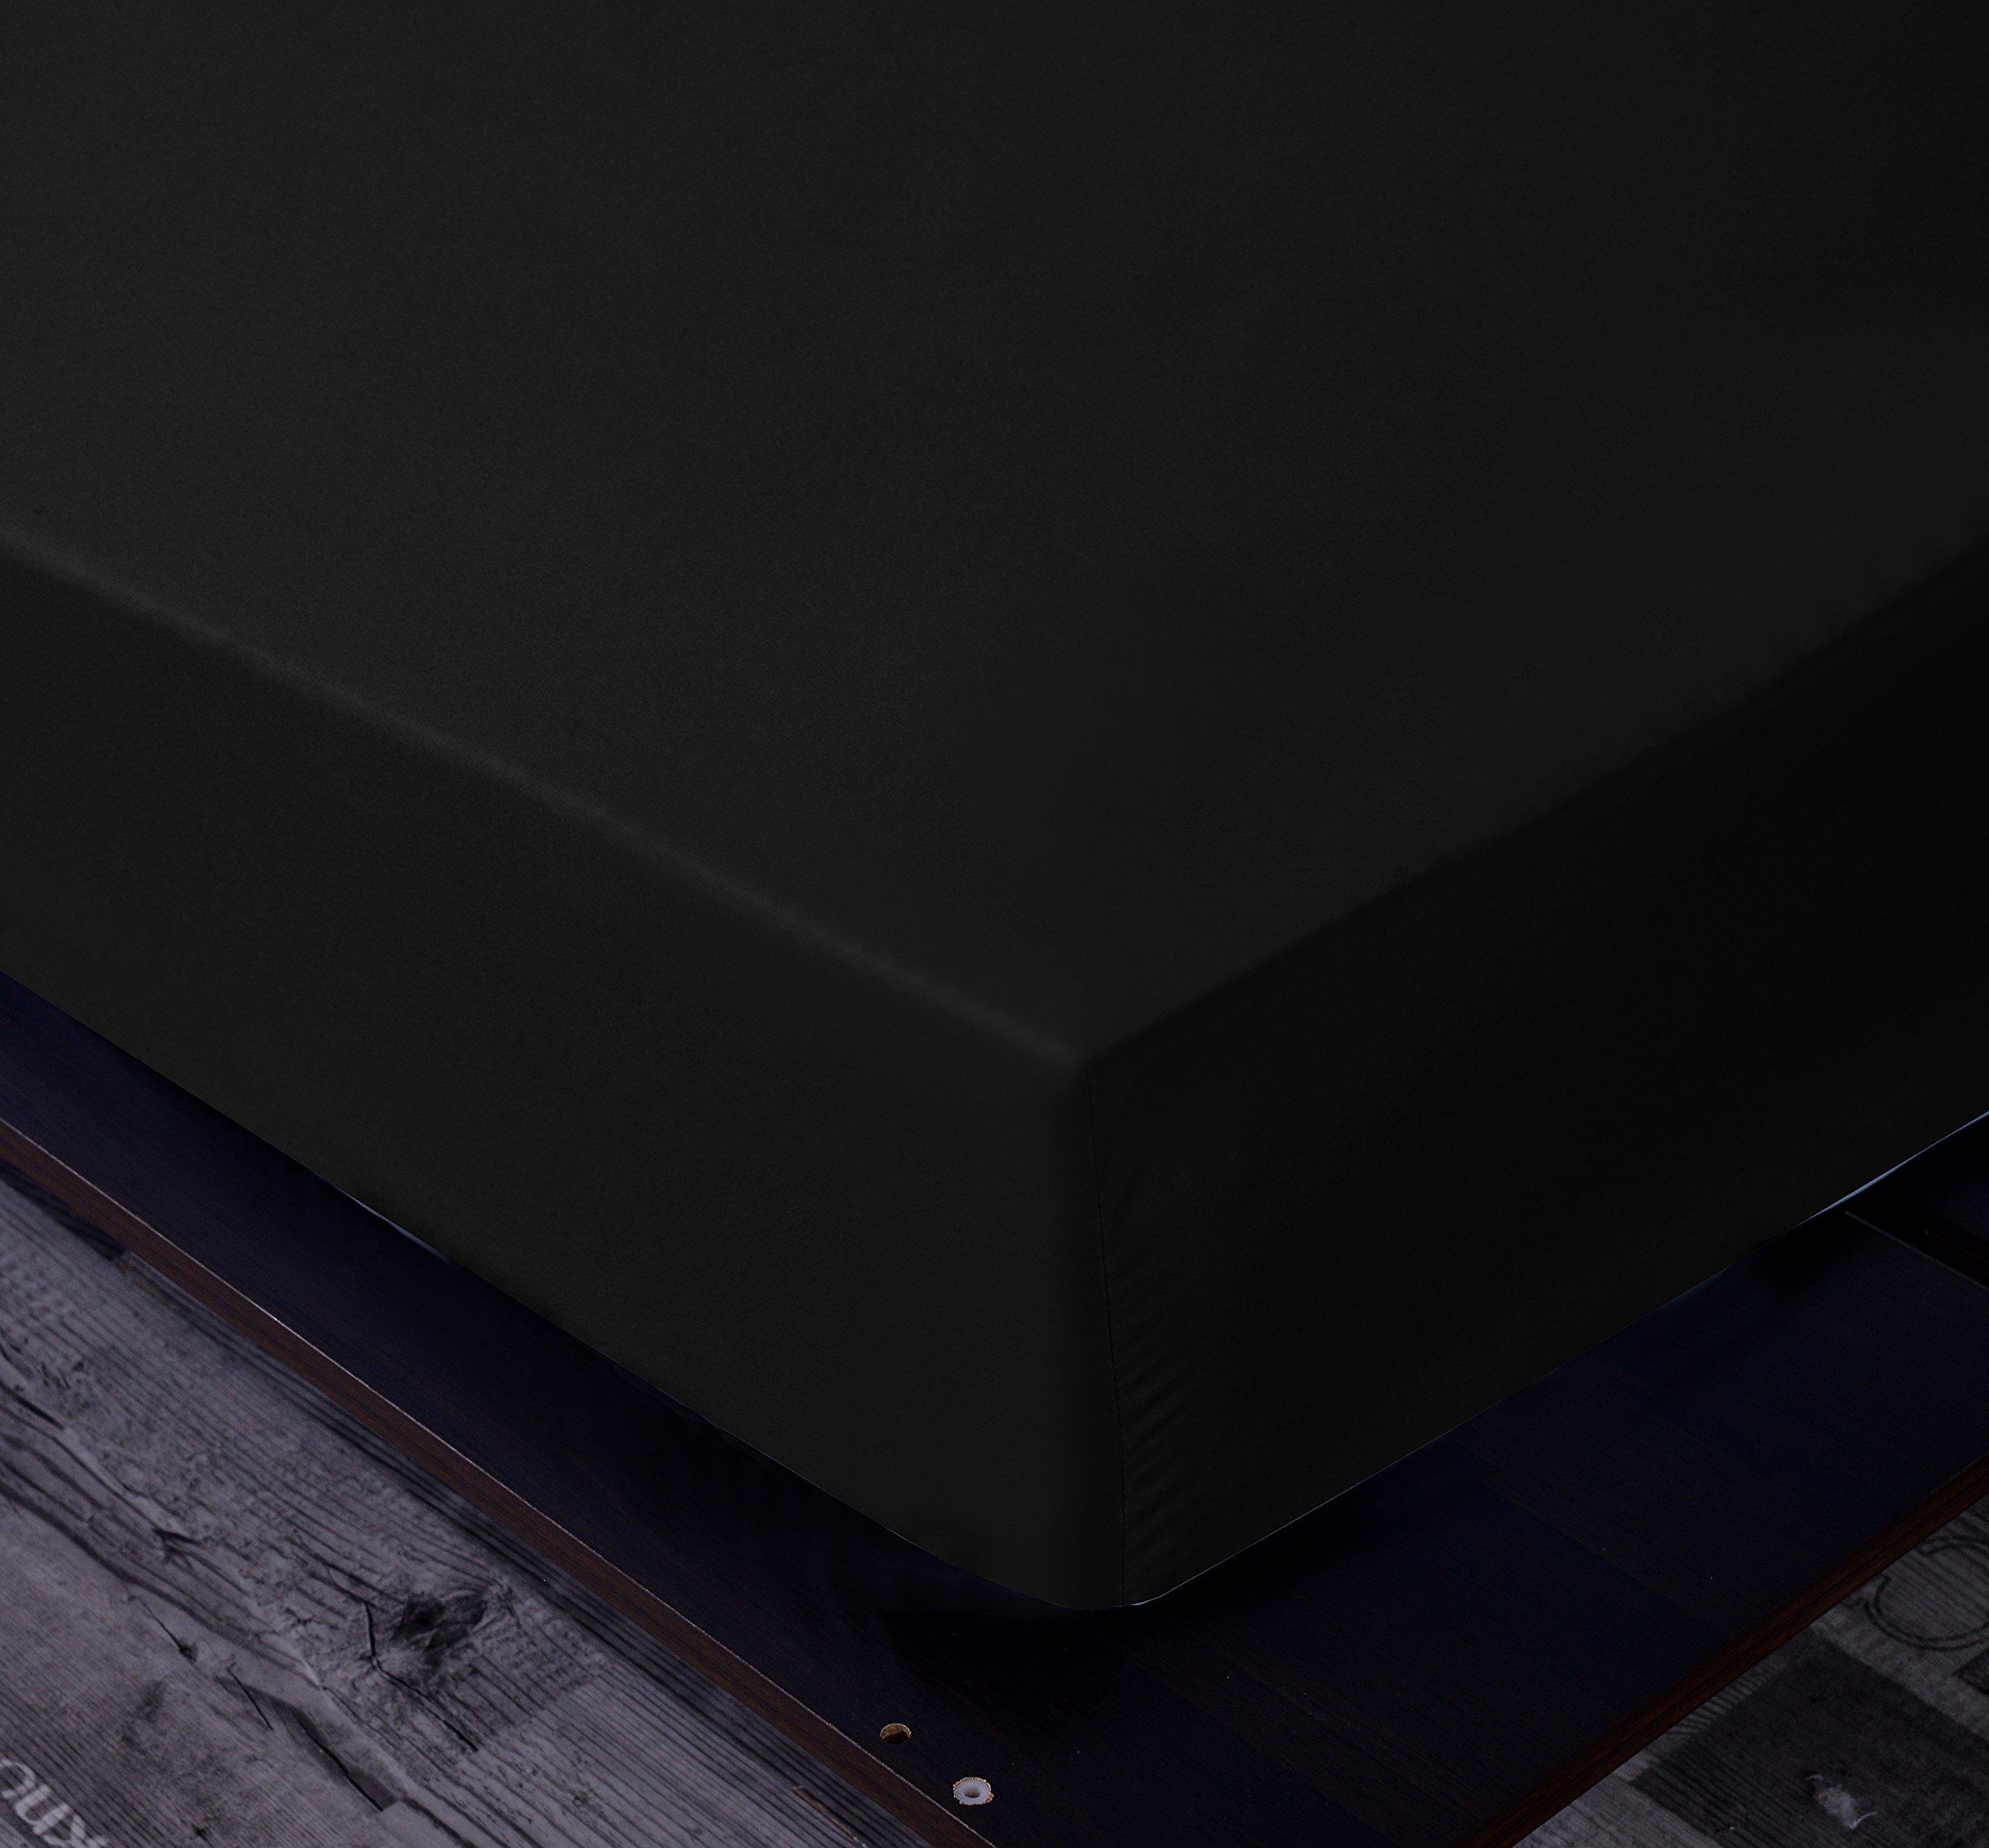 Goza Bedding Microfiber Fitted Sheet (Black, Full)